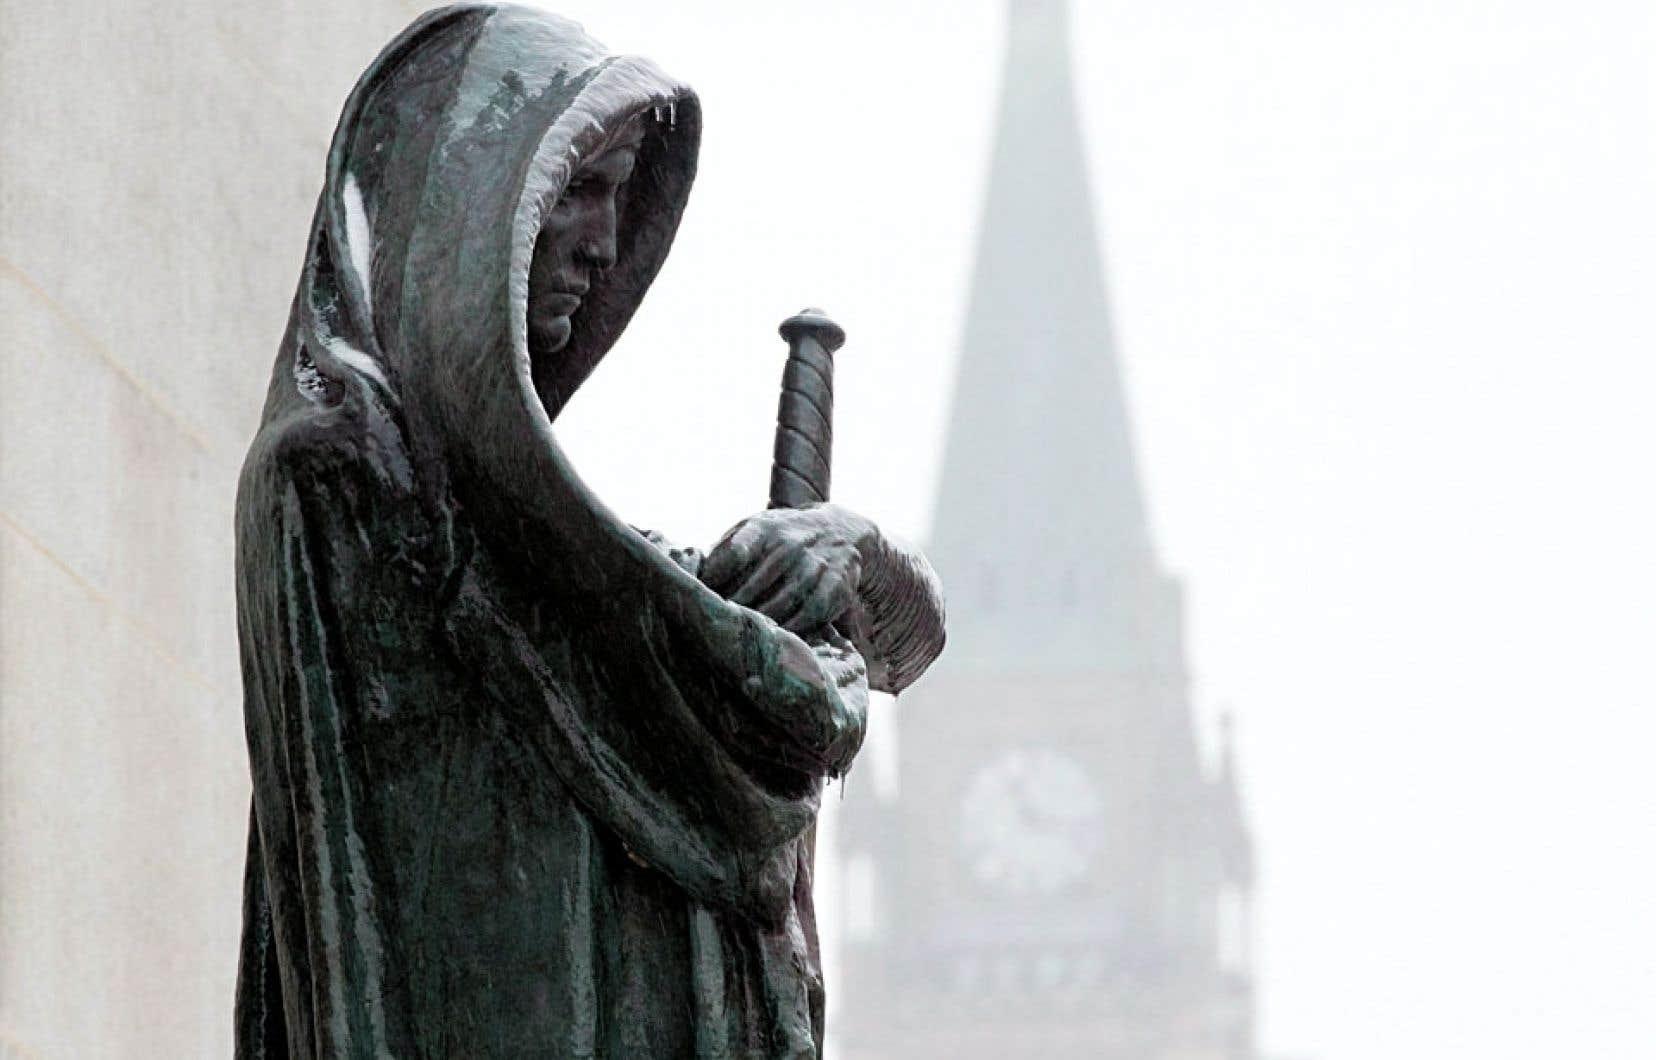 L'ouvrage La bataille de Londres documente les agissements du juge en chef de la Cour suprême du Canada à l'époque, Bora Laskin, auprès des gouvernements britannique et canadien lors des négociations entourant le rapatriement de la Constitution.